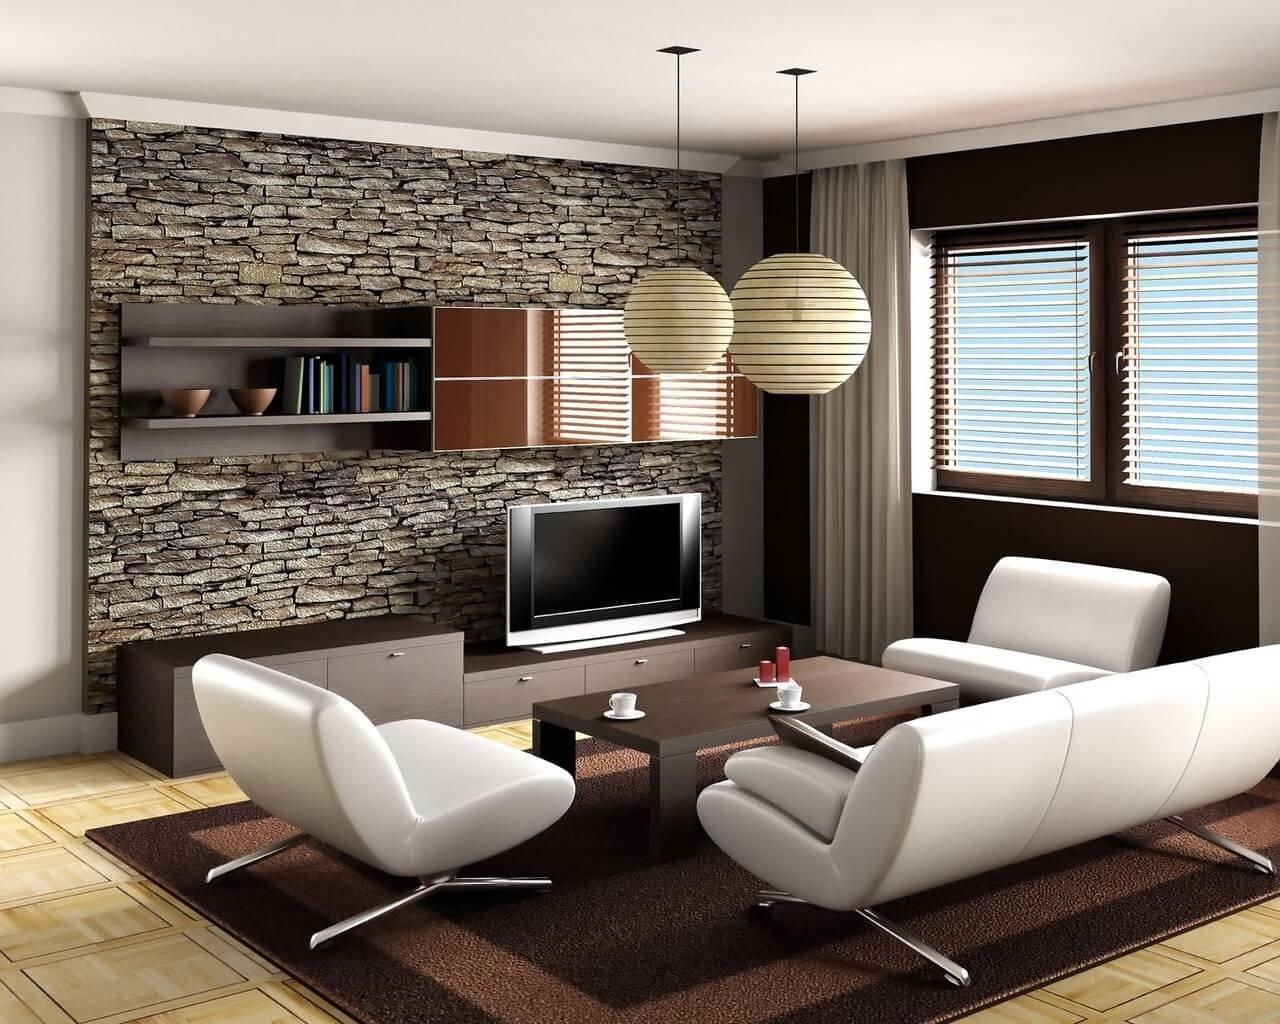 Фото зала, оформленного в стиле минимализм